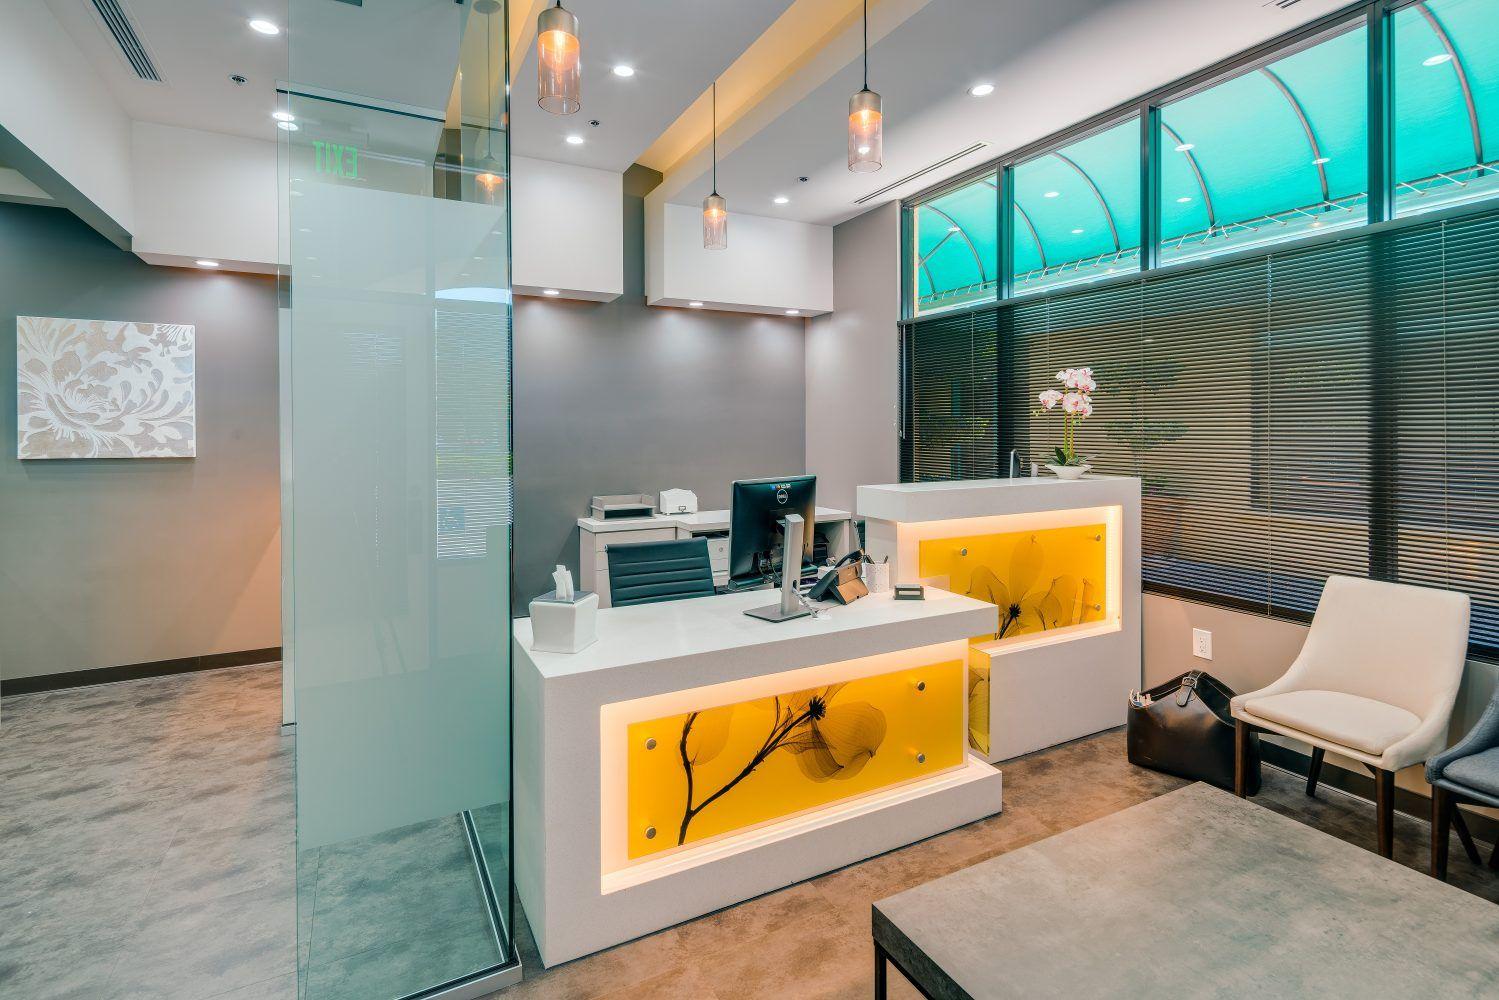 Dental Office Design Healthcare Dental Office Design In North